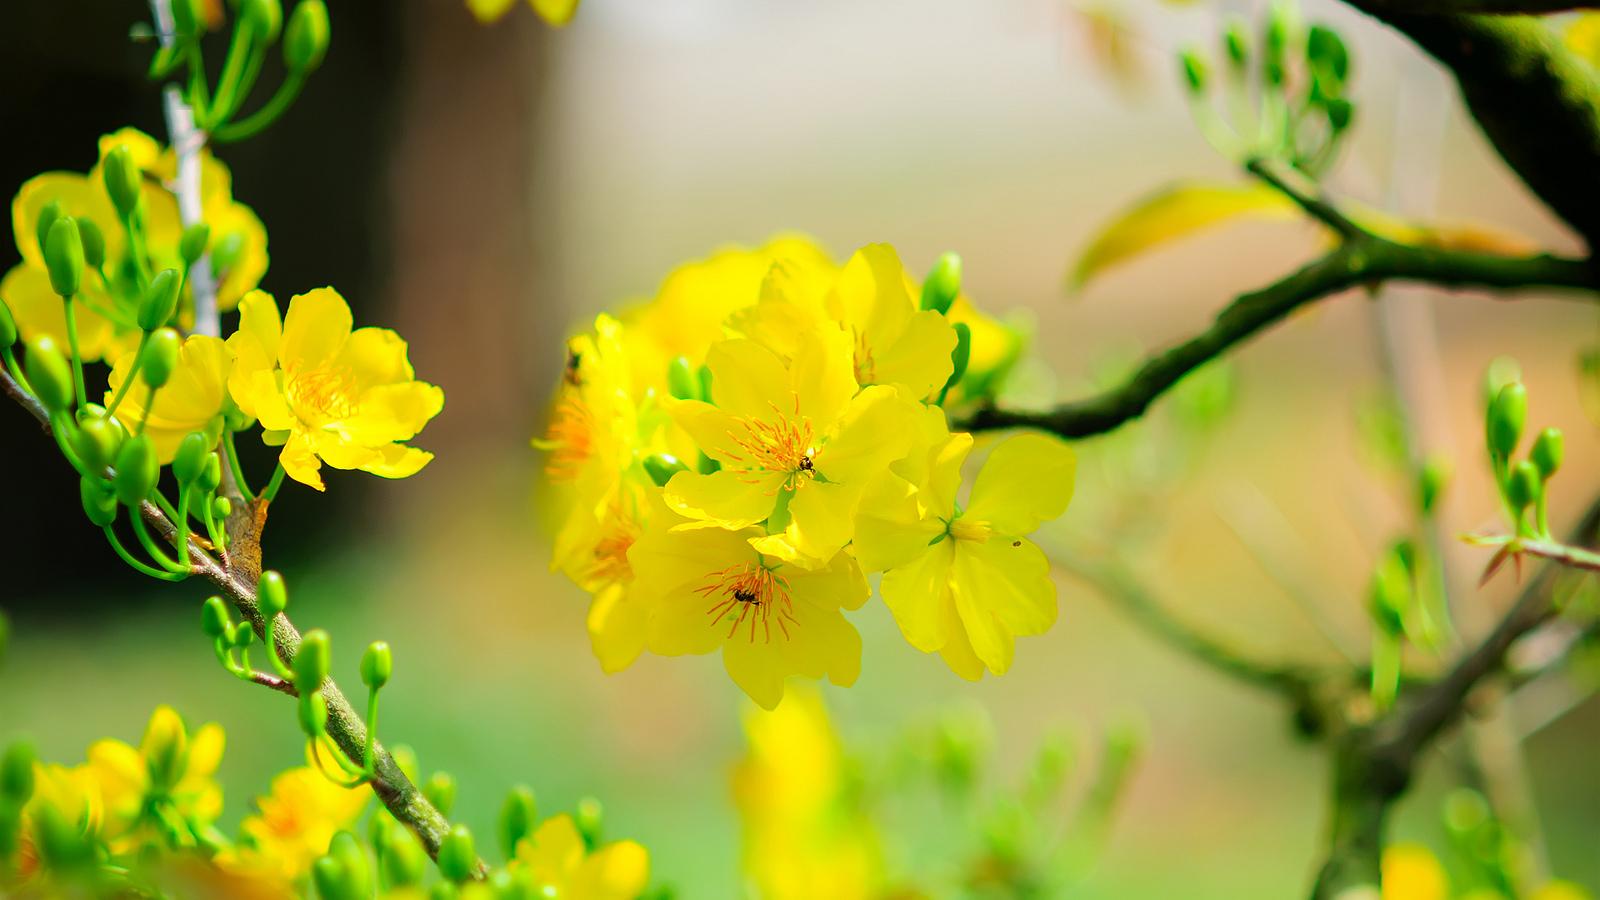 Hình ảnh chùm hoa mai vàng đẹp